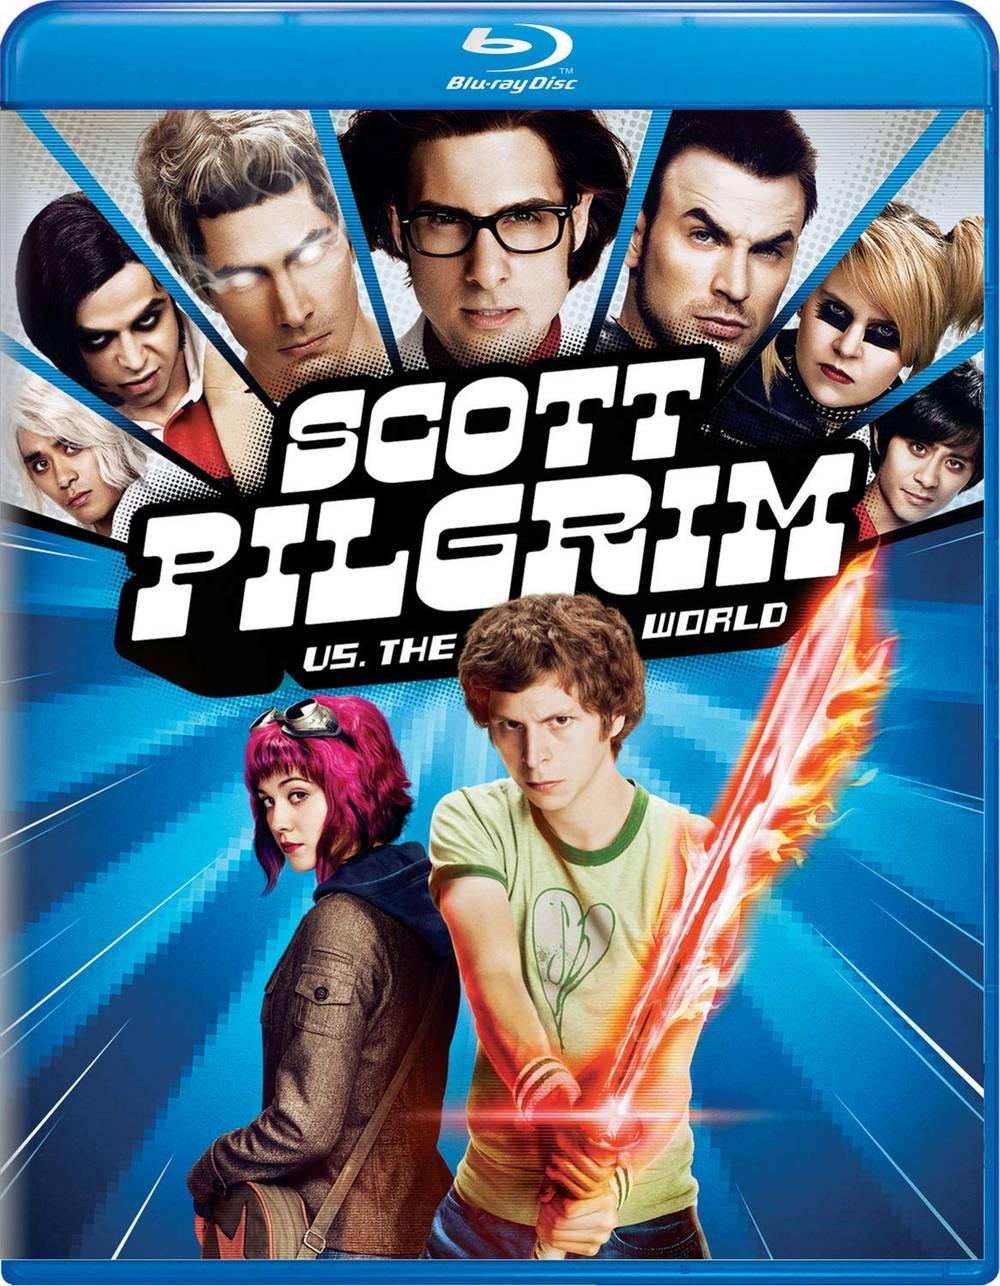 Scott Pilgrim vs. The World [Movie] - Scott Pilgrim vs. the World